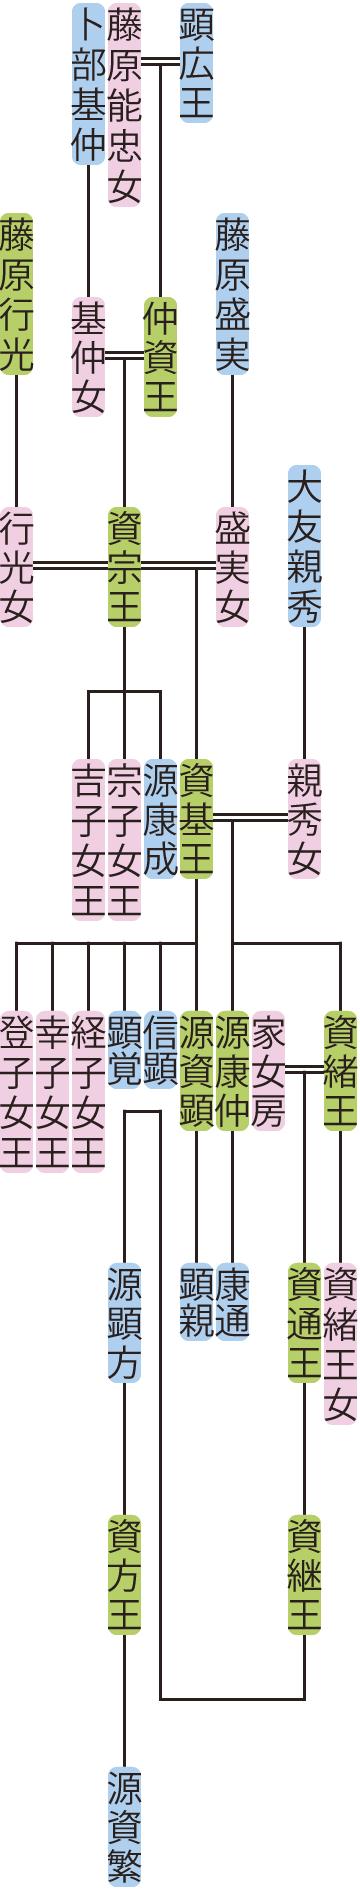 資宗王の系図